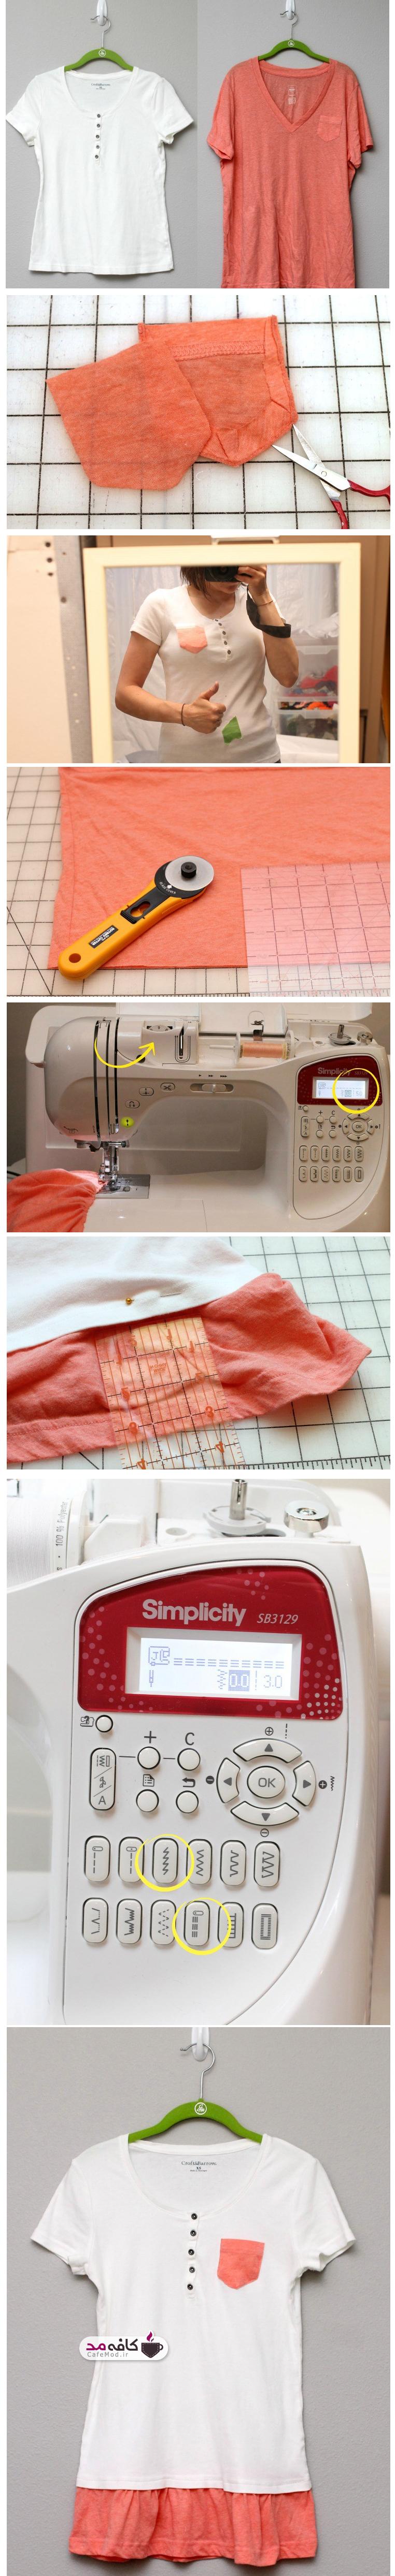 آموزش خلاقیت با لباس کهنه